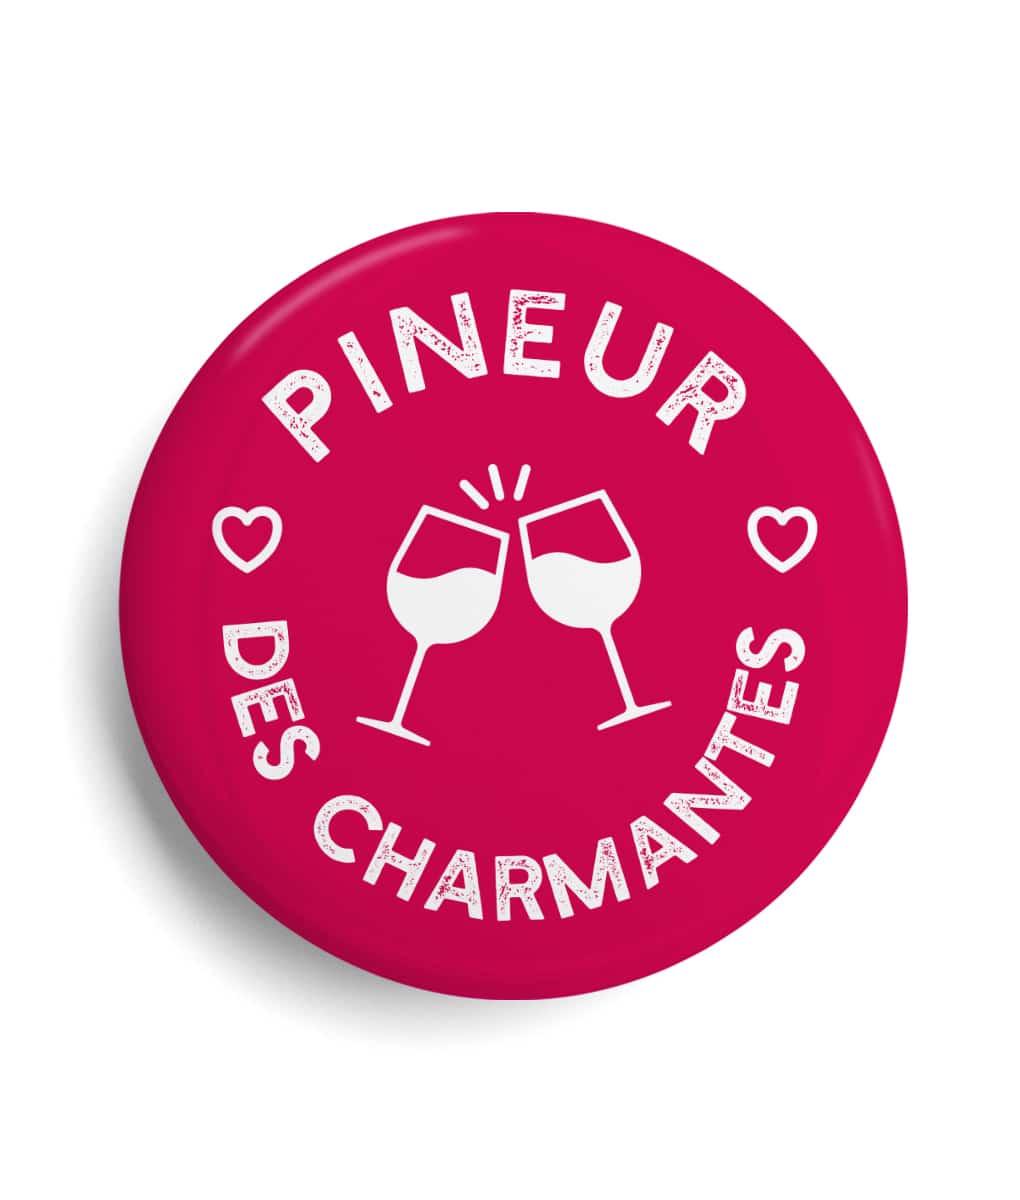 Badge Pineur des charmantes Region Nouvelle Aquitaine